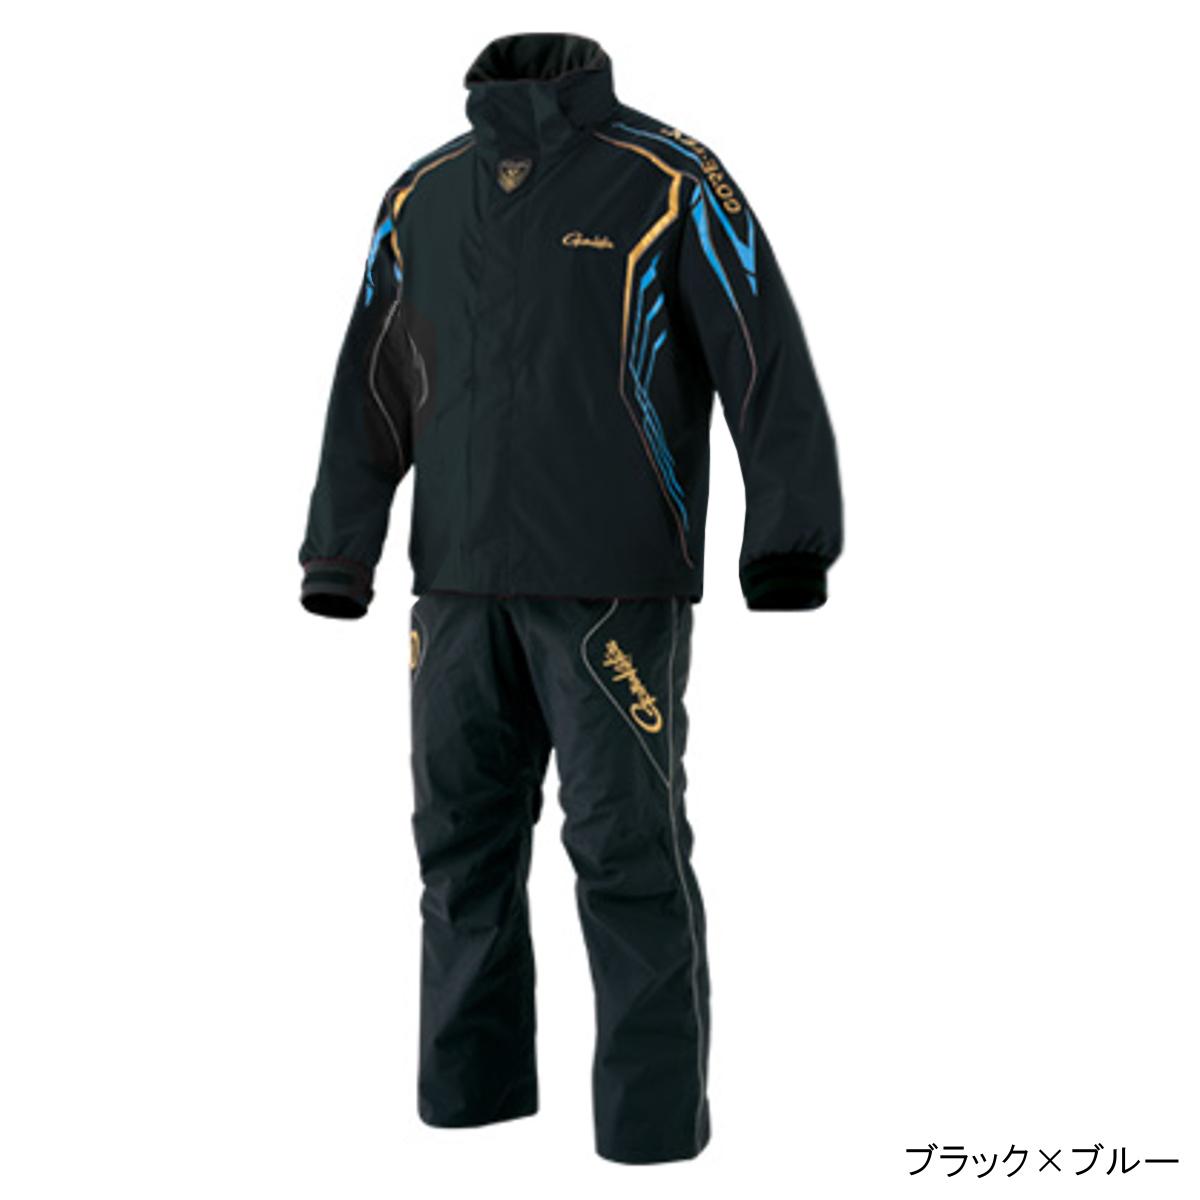 ゴアテックス レインスーツ GM-3500 LL ブラック×ブルー【送料無料】